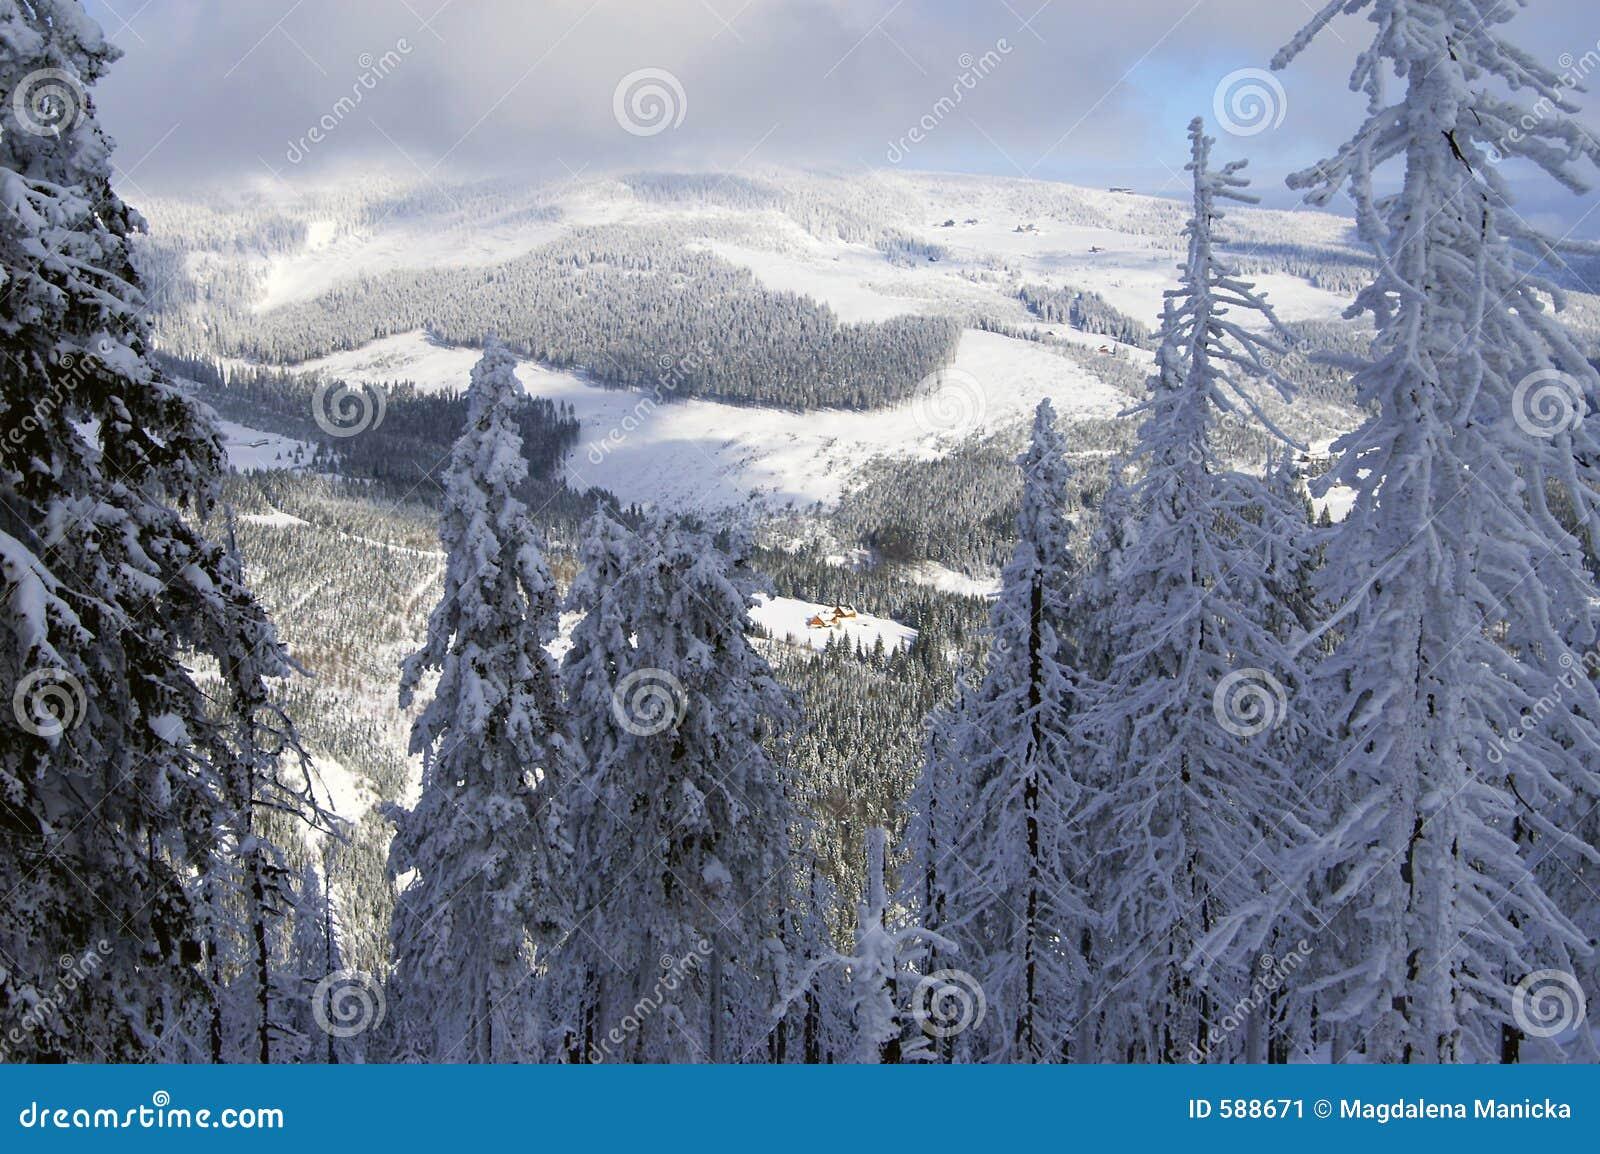 Winter in Spindlerov Mlyn